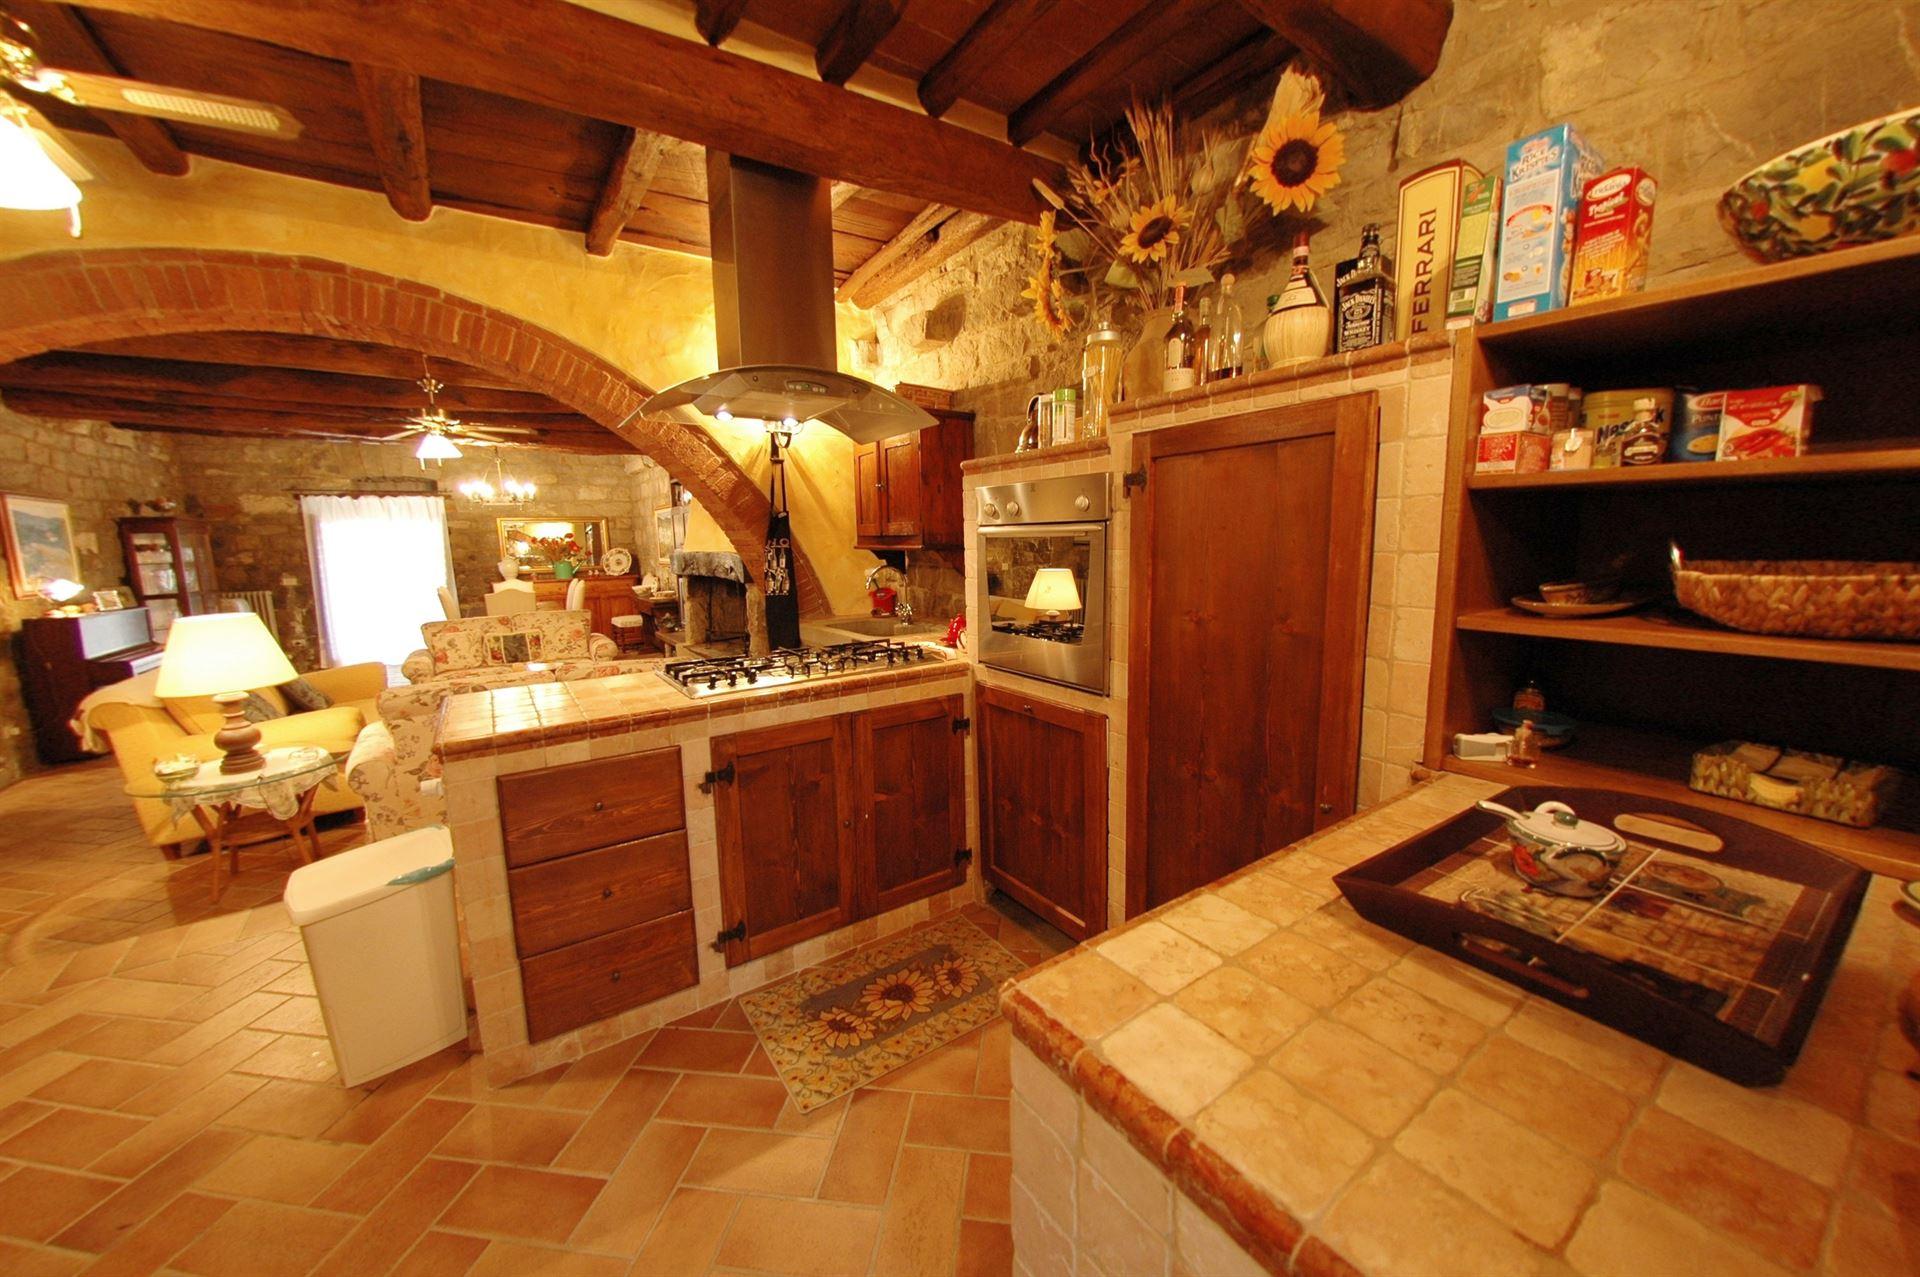 Location Toscane Casa Camporata 14